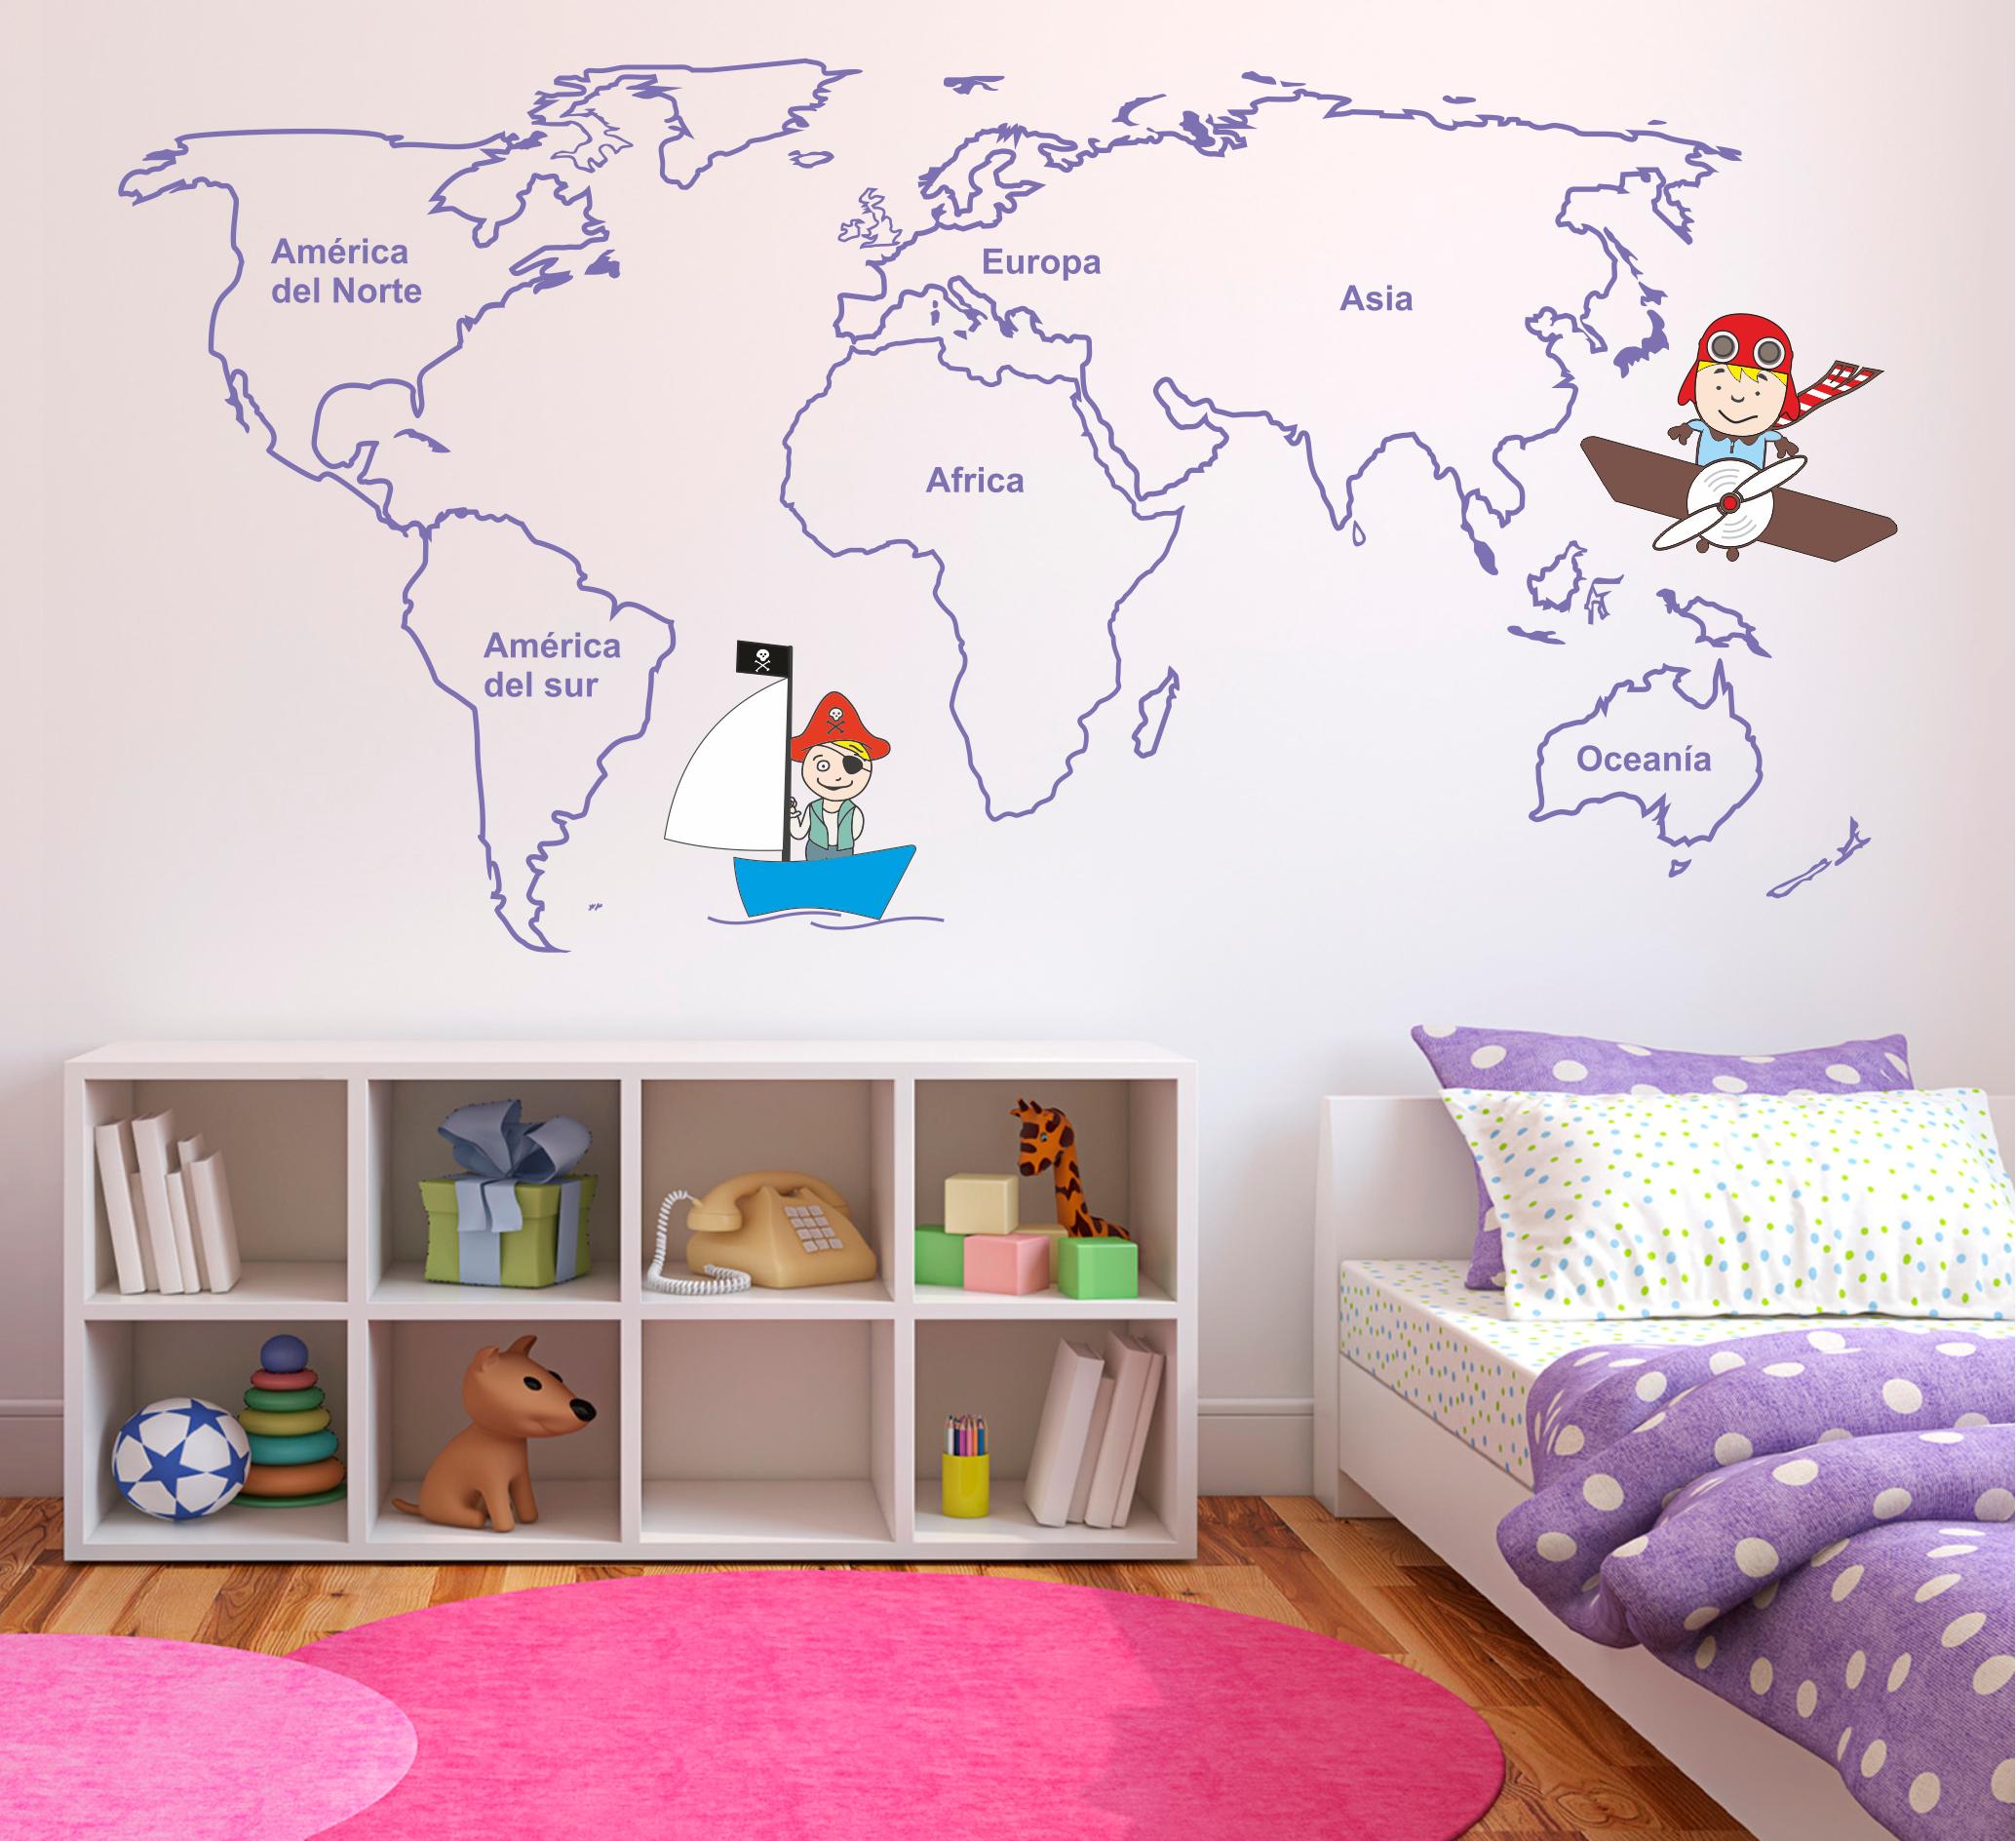 Vinilo decorativo de un mapamundi infantil habitacion for Vinilo habitacion infantil